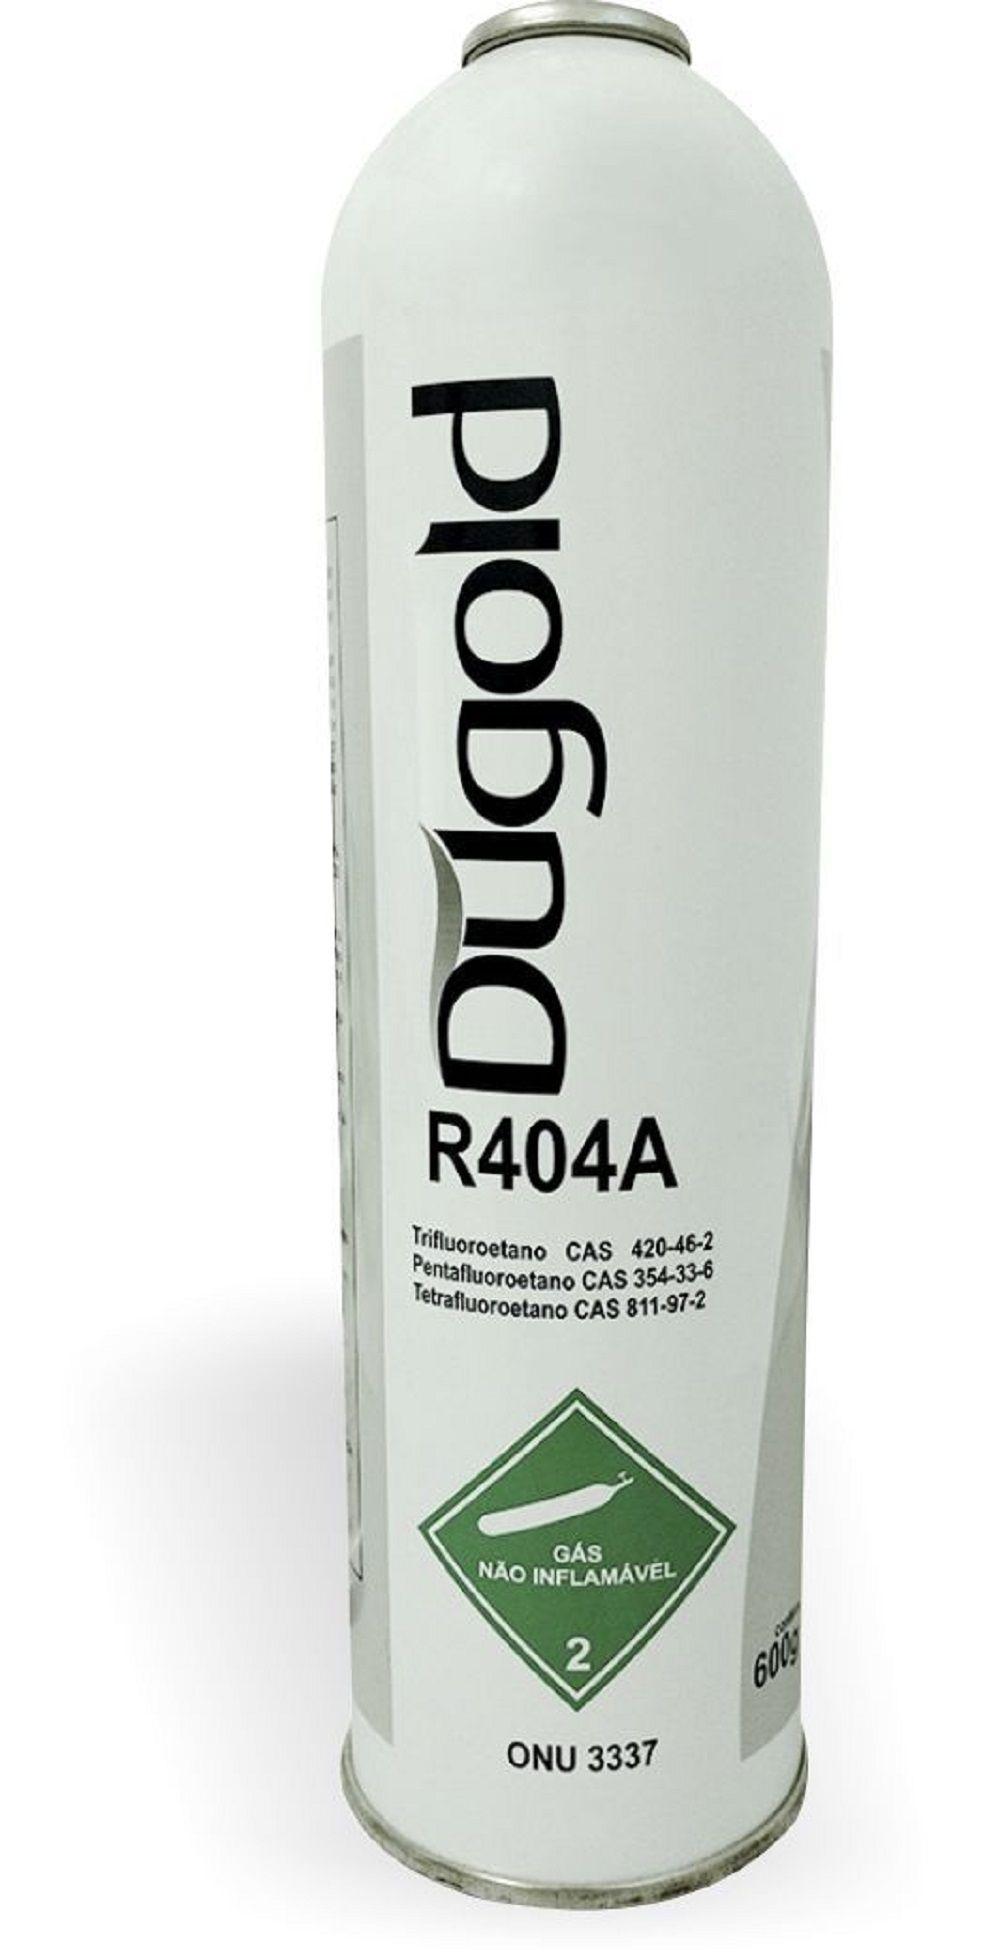 Gás Refrigerante Dugold l R404